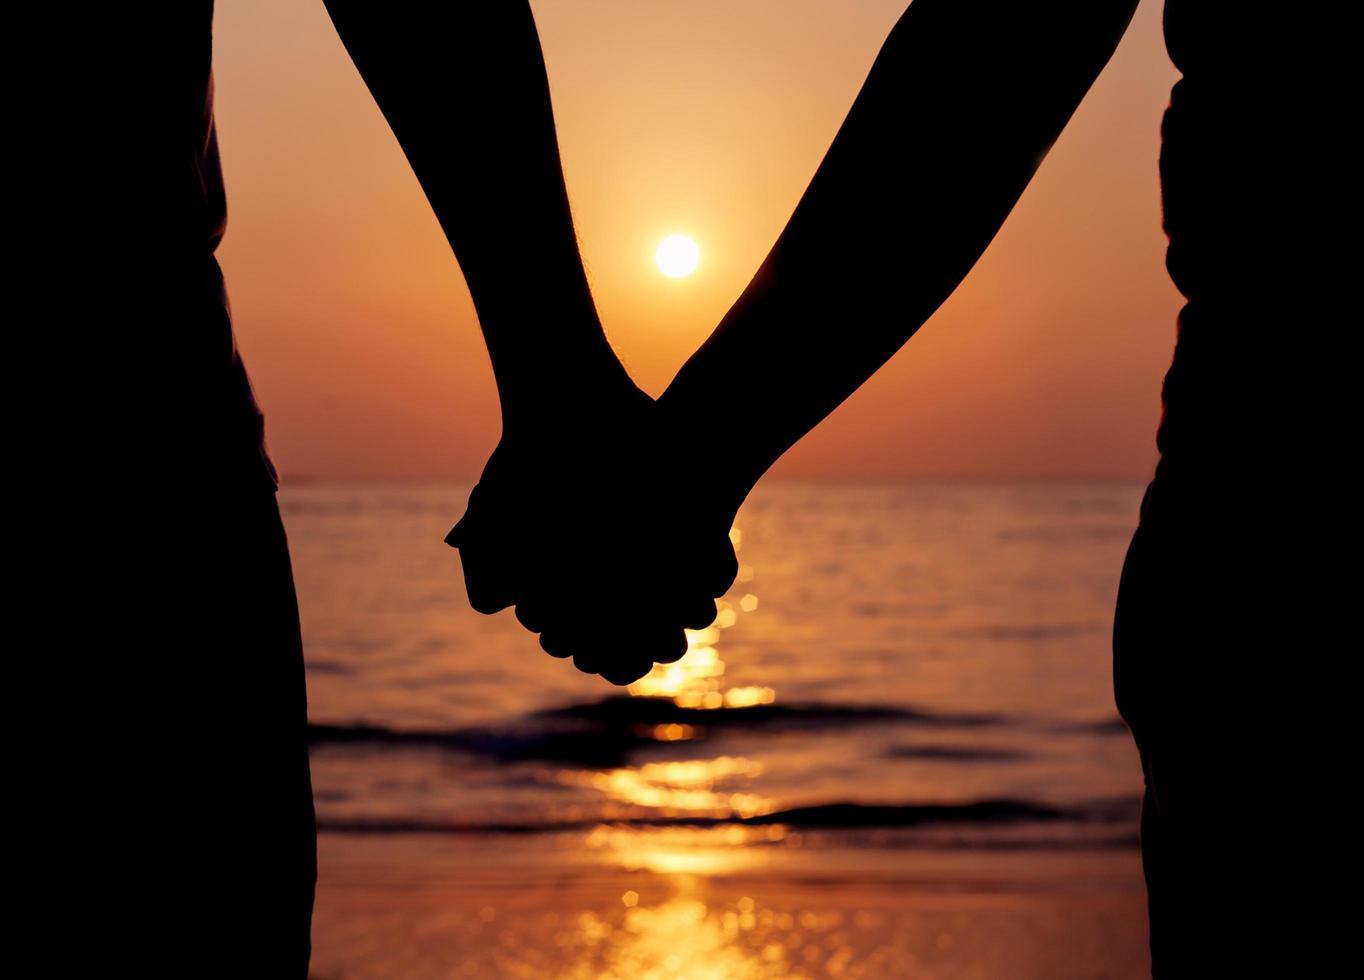 silueta de una pareja tomados de la mano al atardecer foto